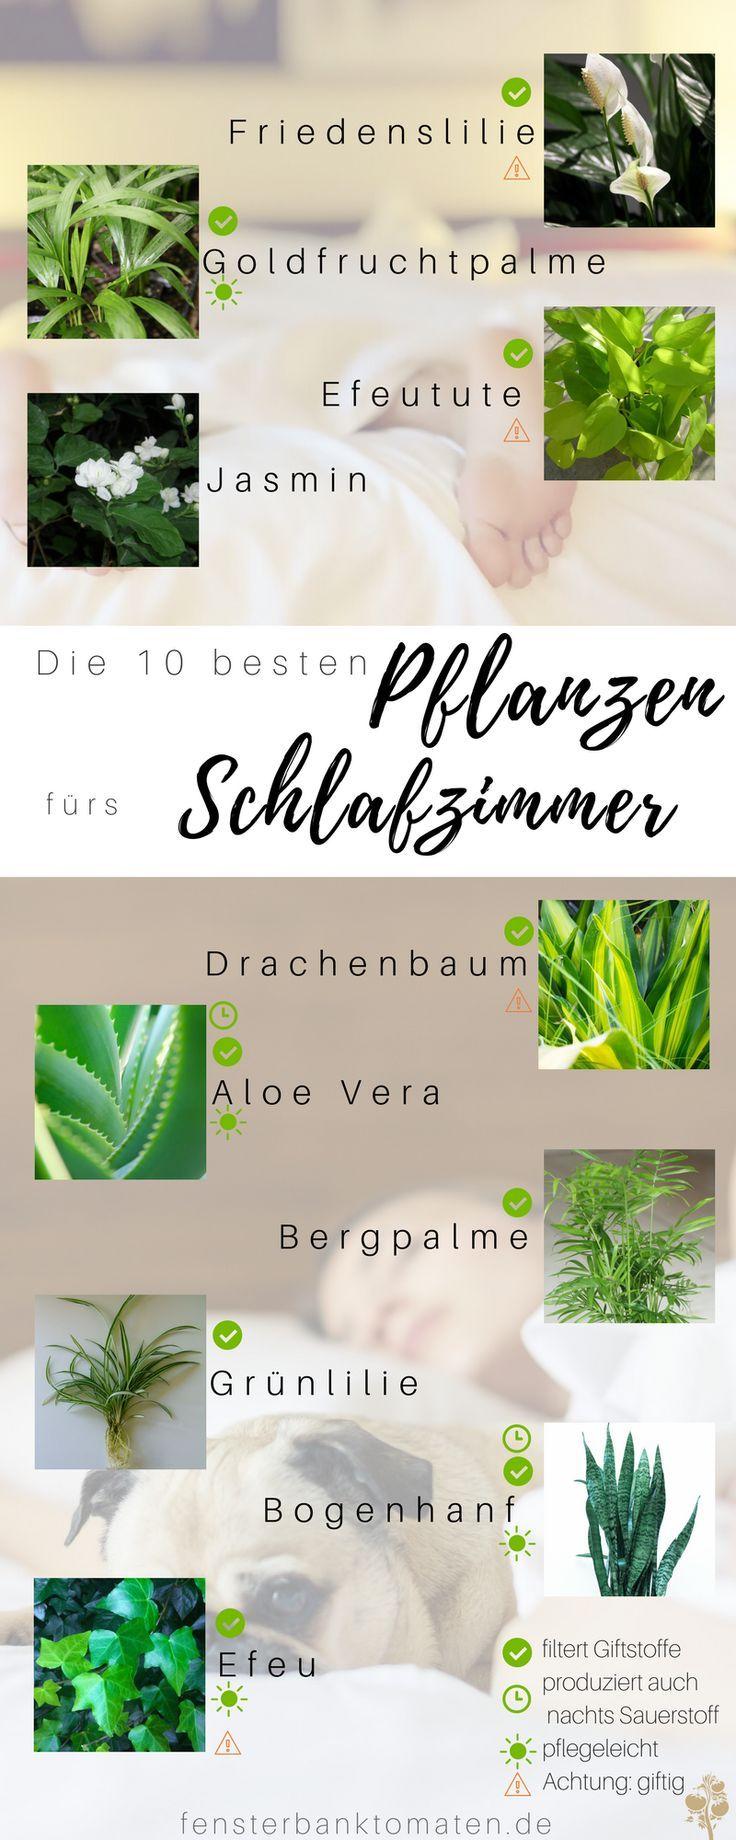 Die 10 besten Pflanzen fürs Schlafzimmer - so optimierst du deinen Schaf